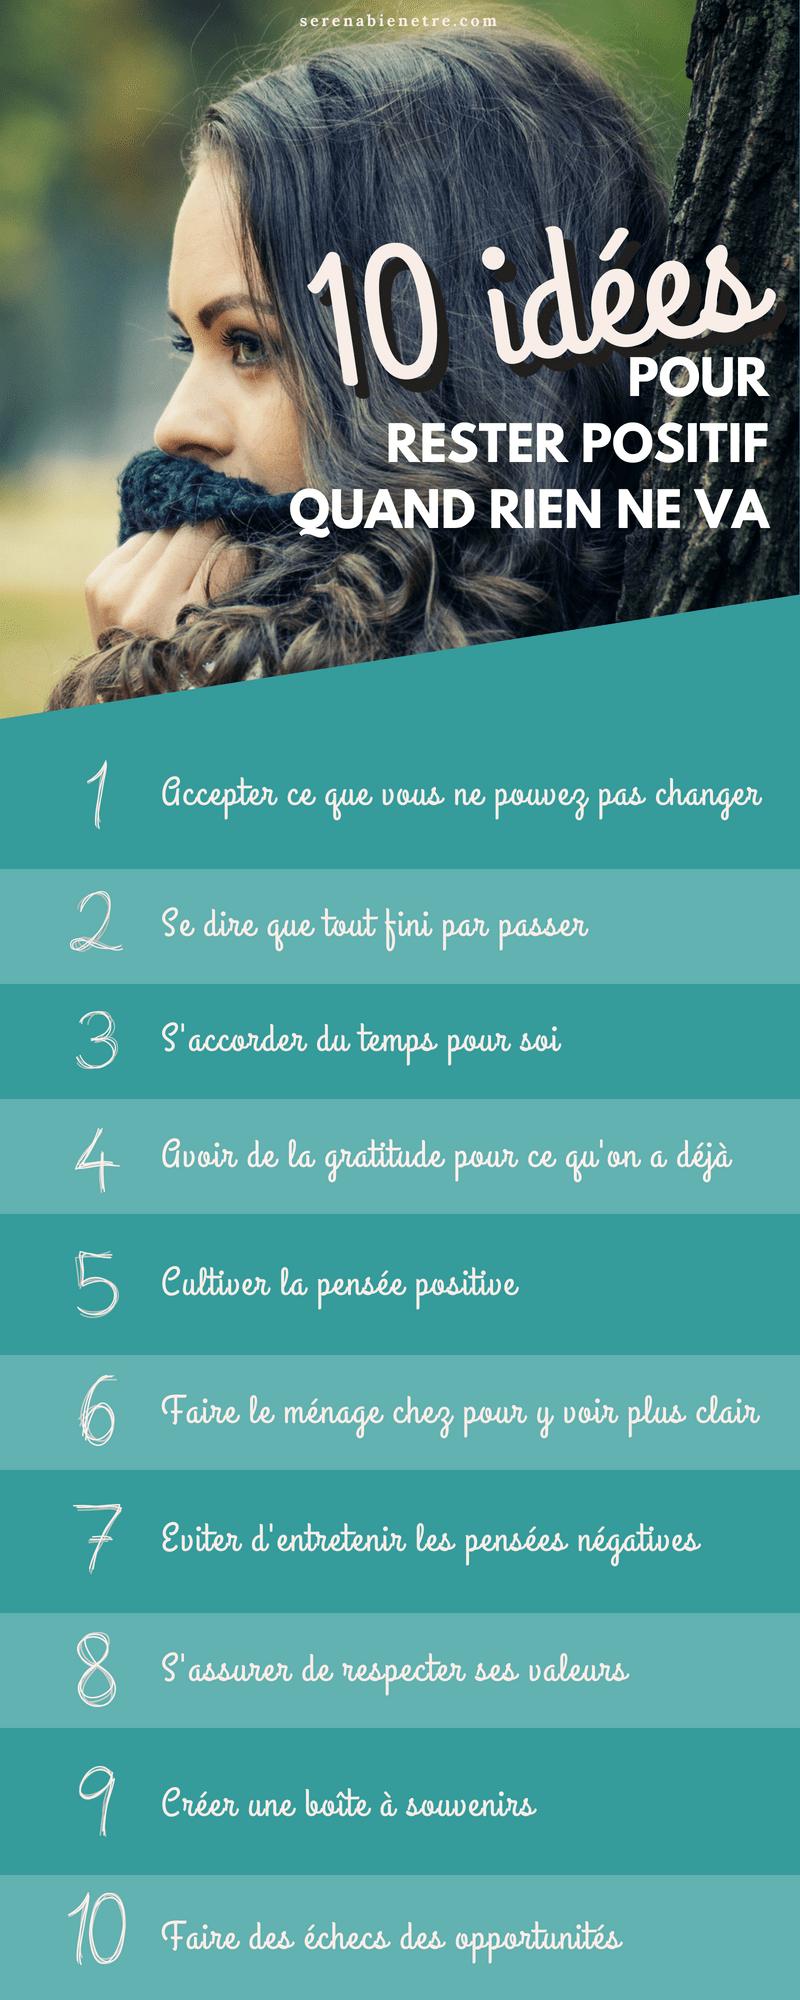 10 idées pour rester positif quand ça ne va pas